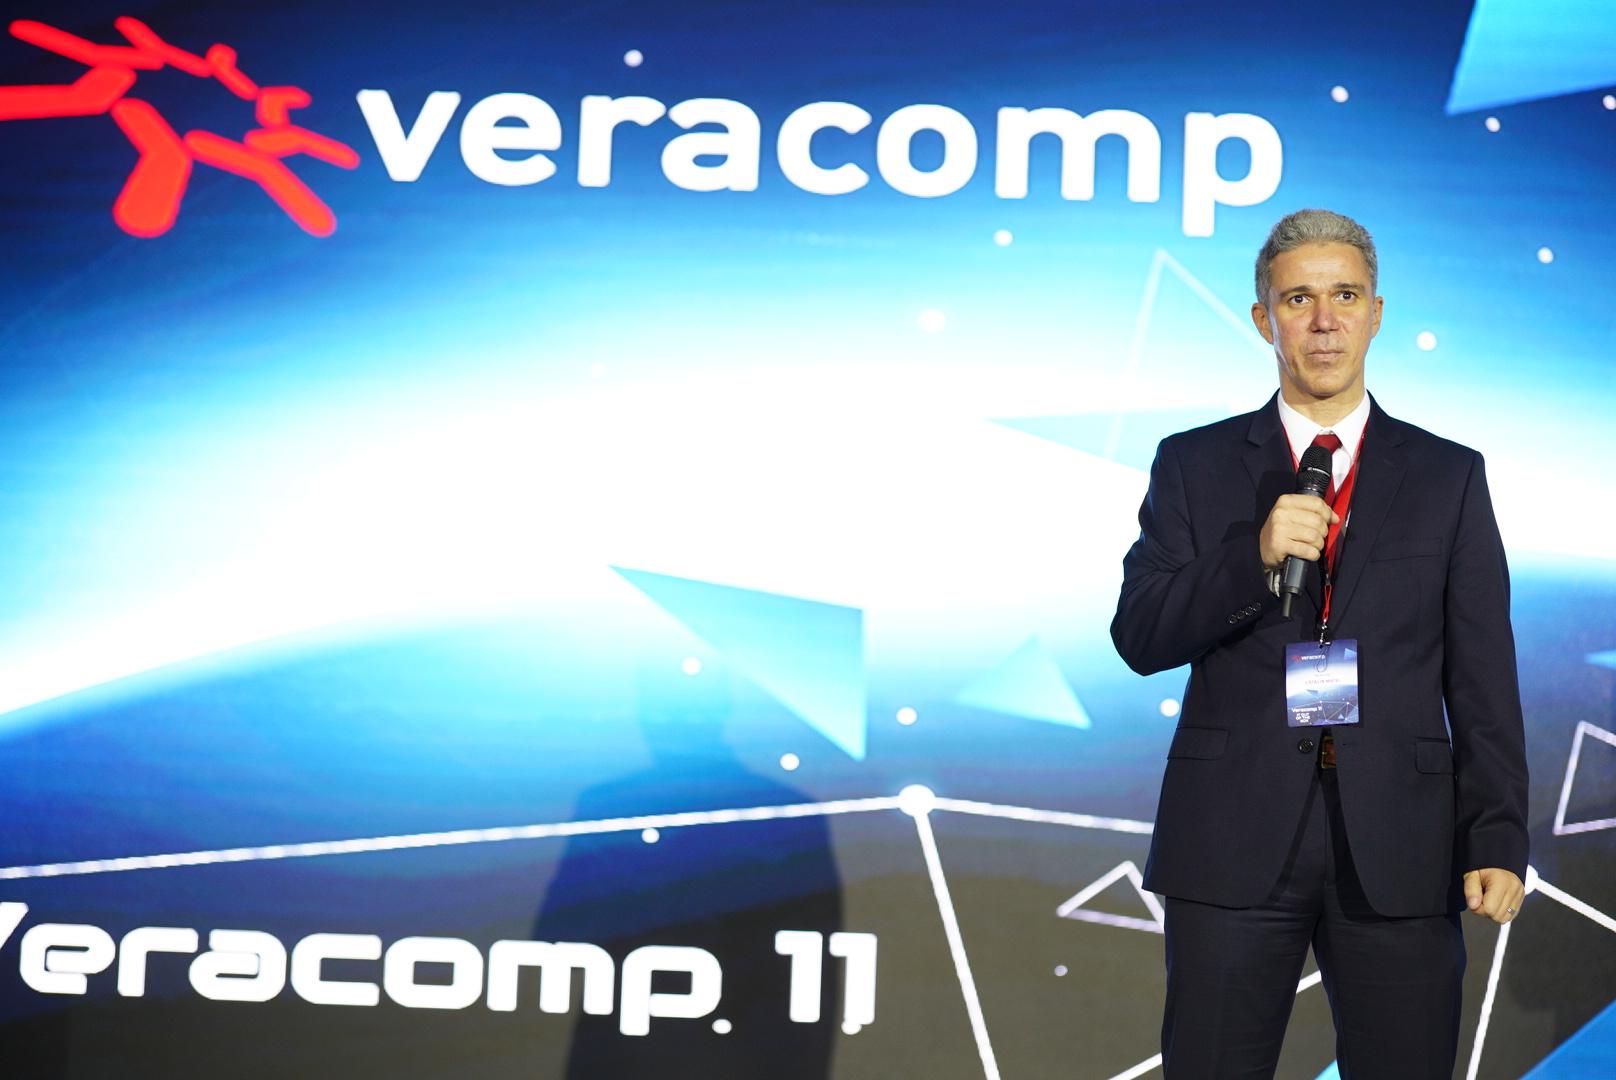 Cătălin Matei, CEO, Veracomp